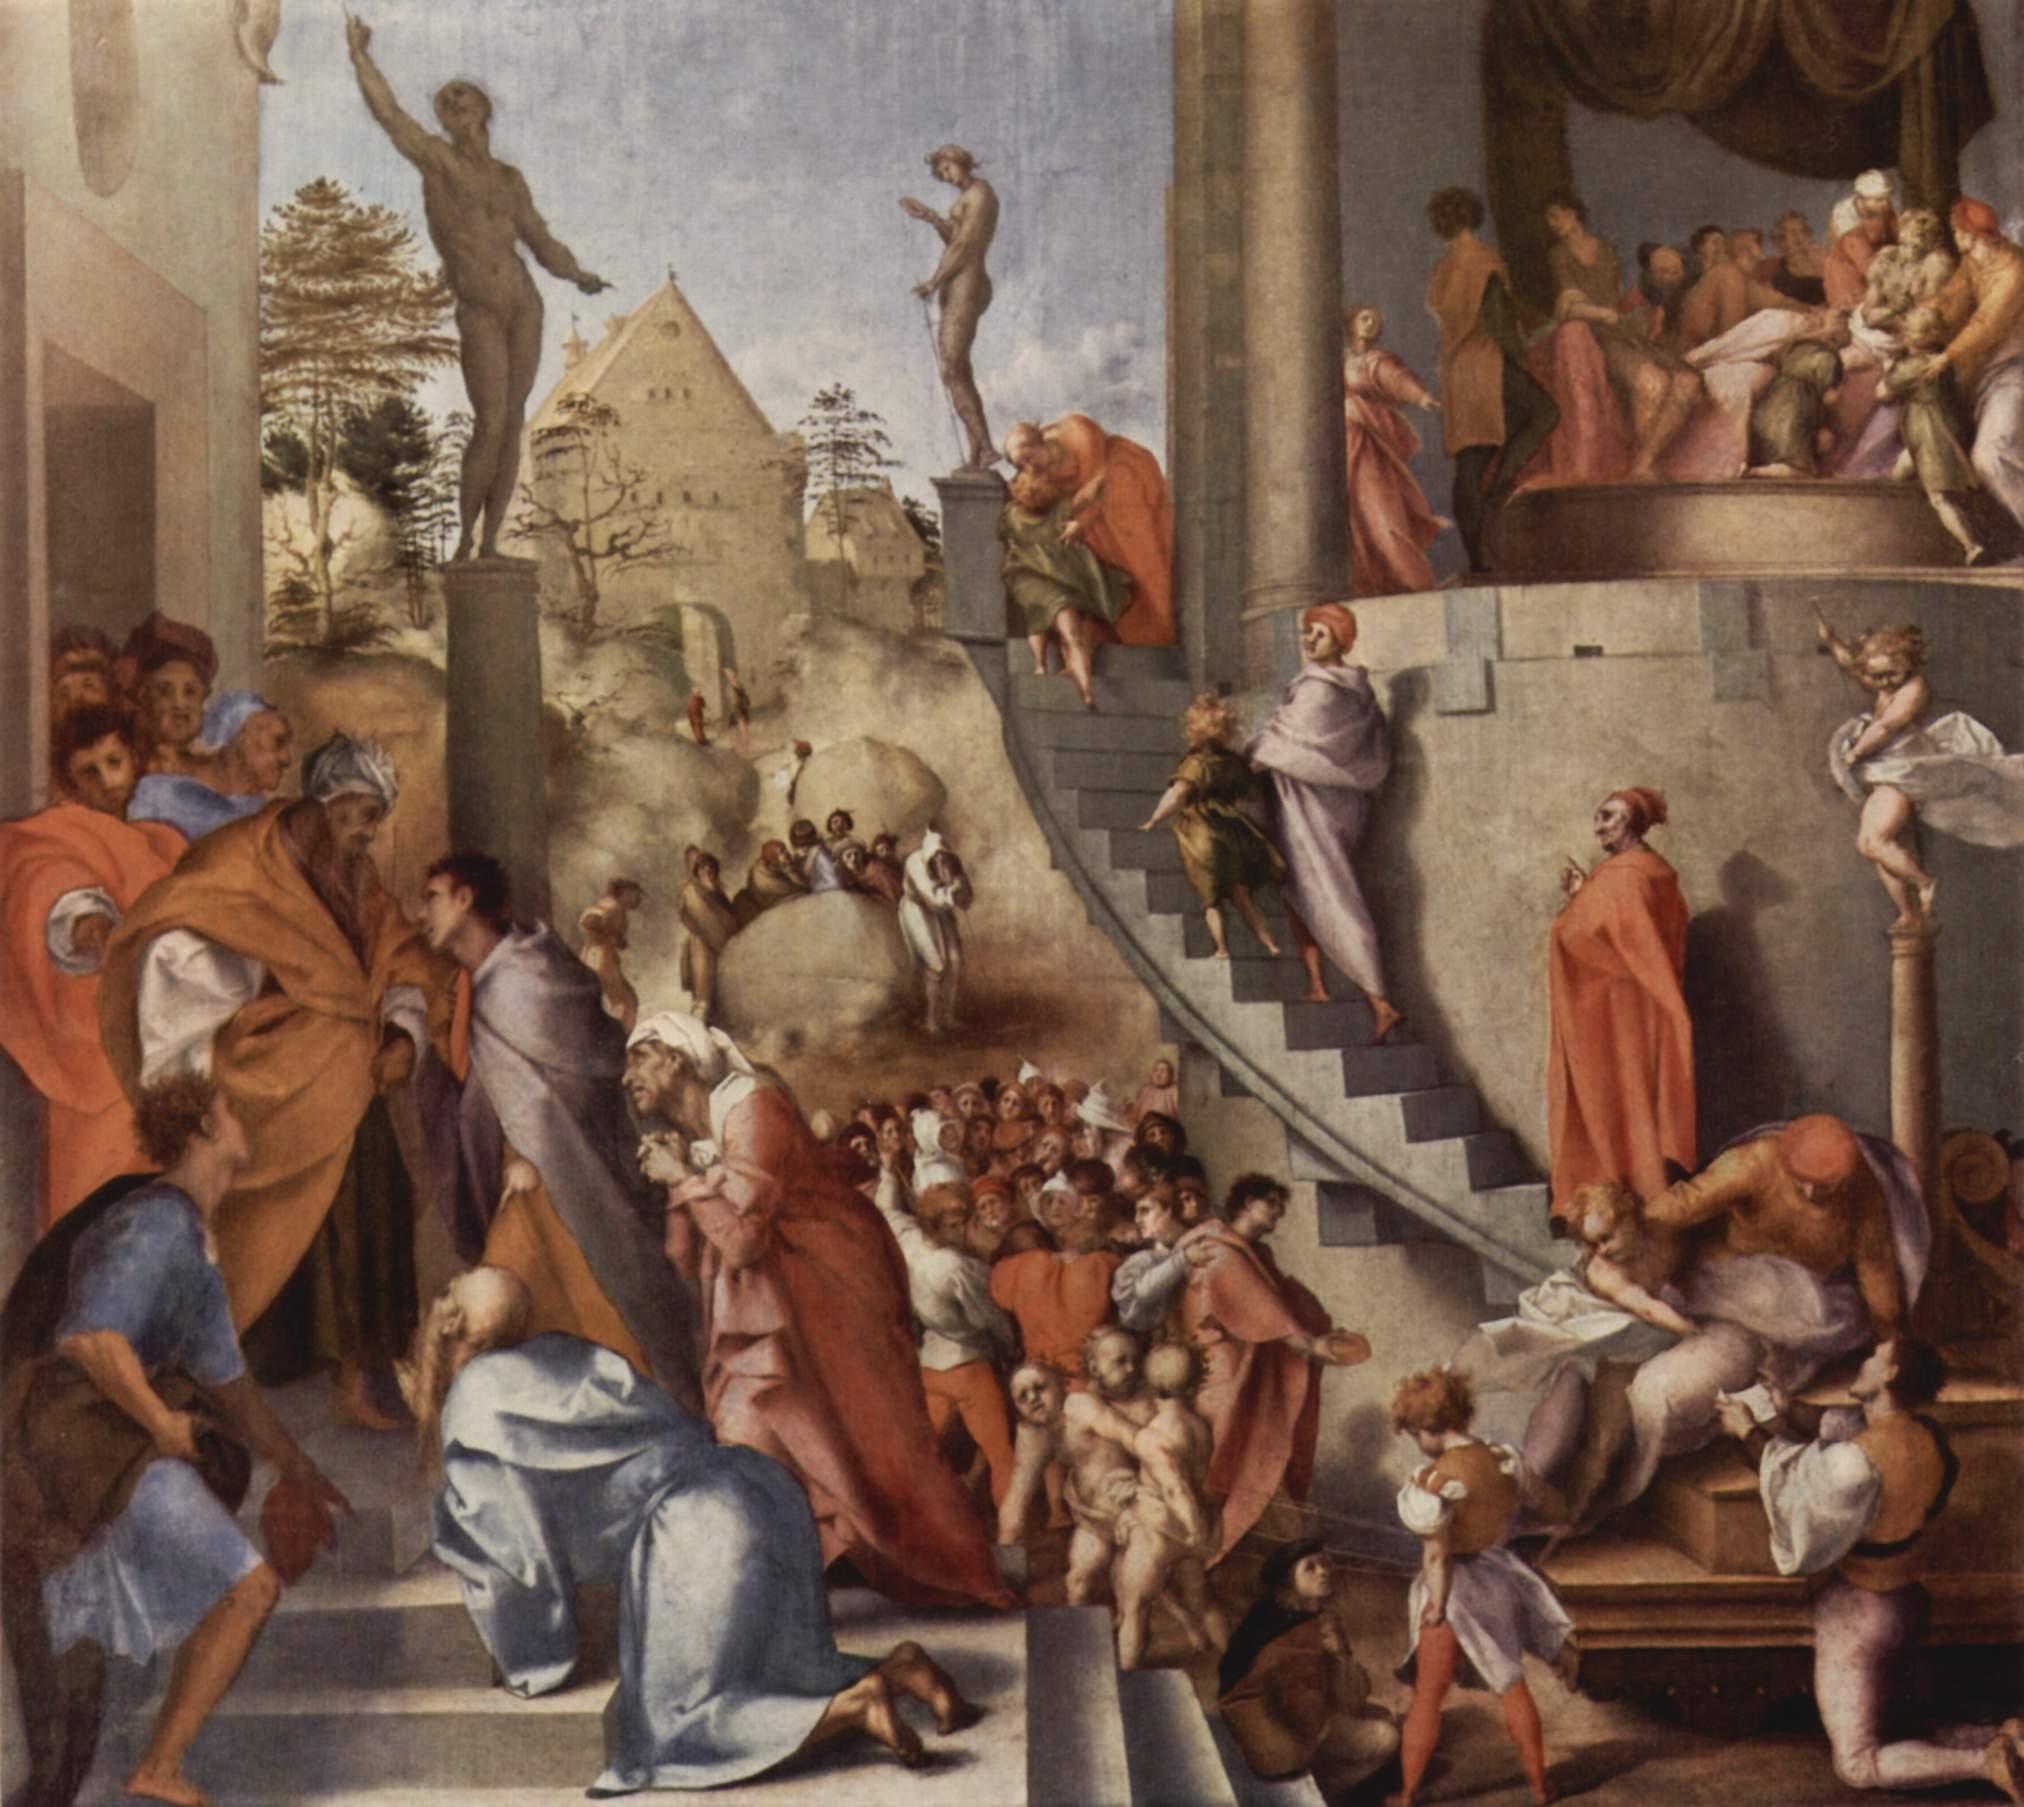 Йосеф в Египте. Понтормо, 1518